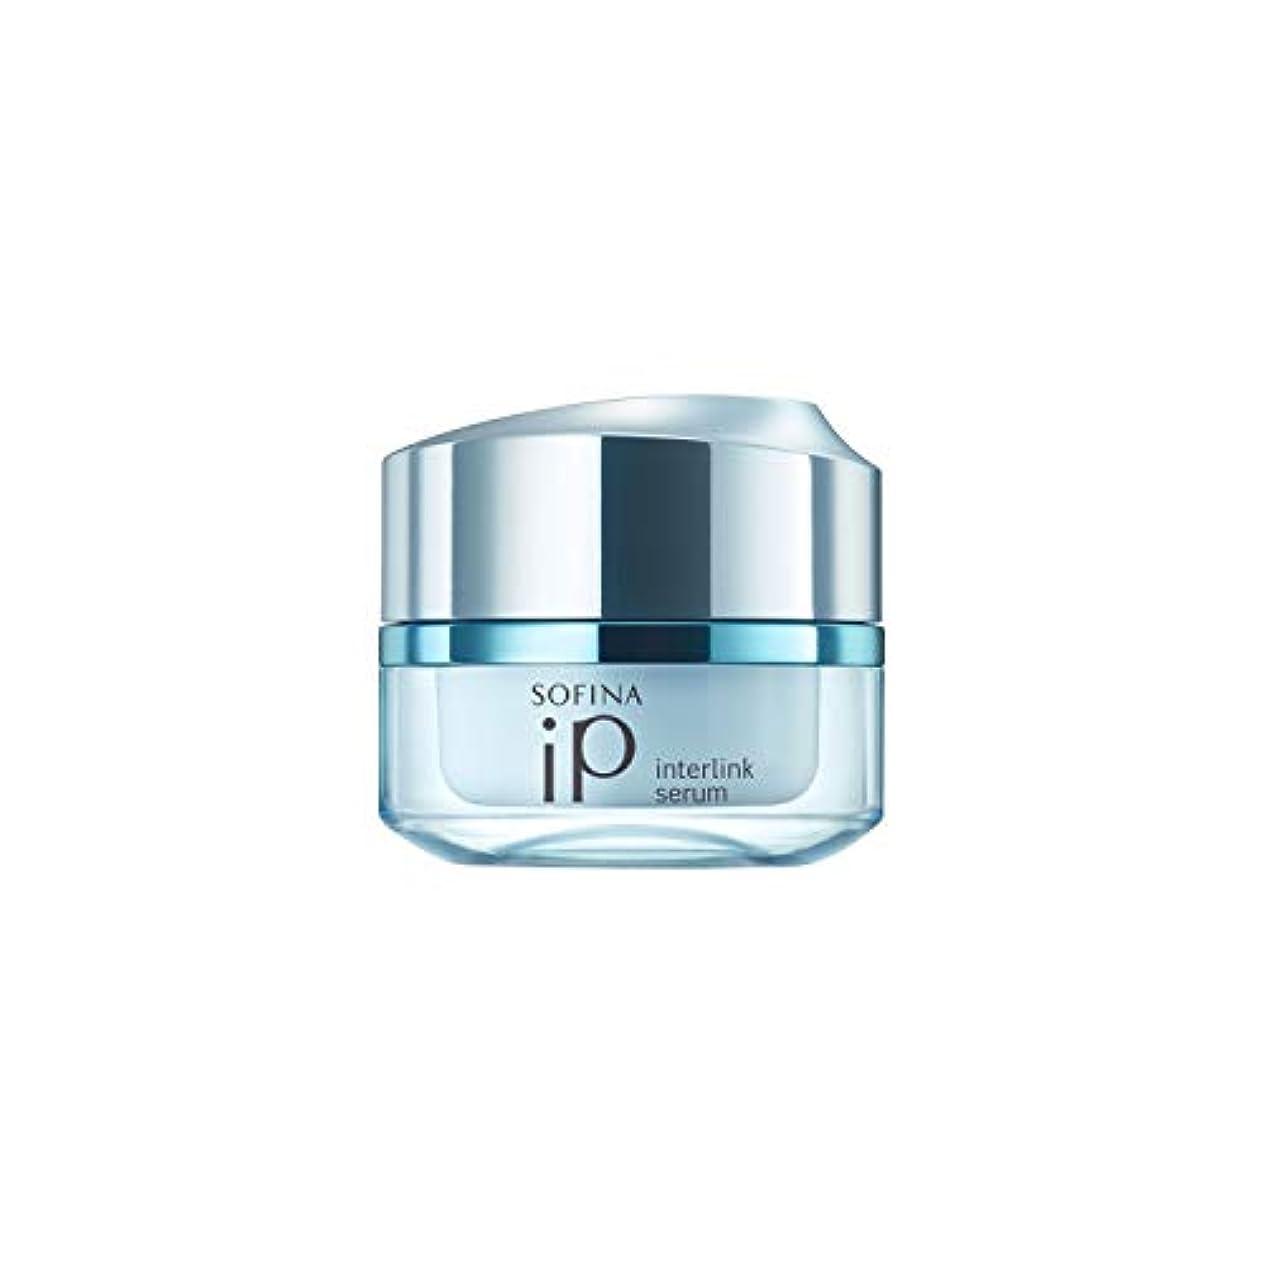 媒染剤アデレード多年生ソフィーナiP(アイピー) ソフィーナ iP インターリンク セラム うるおって弾むようなハリ肌へ 美容液 55g